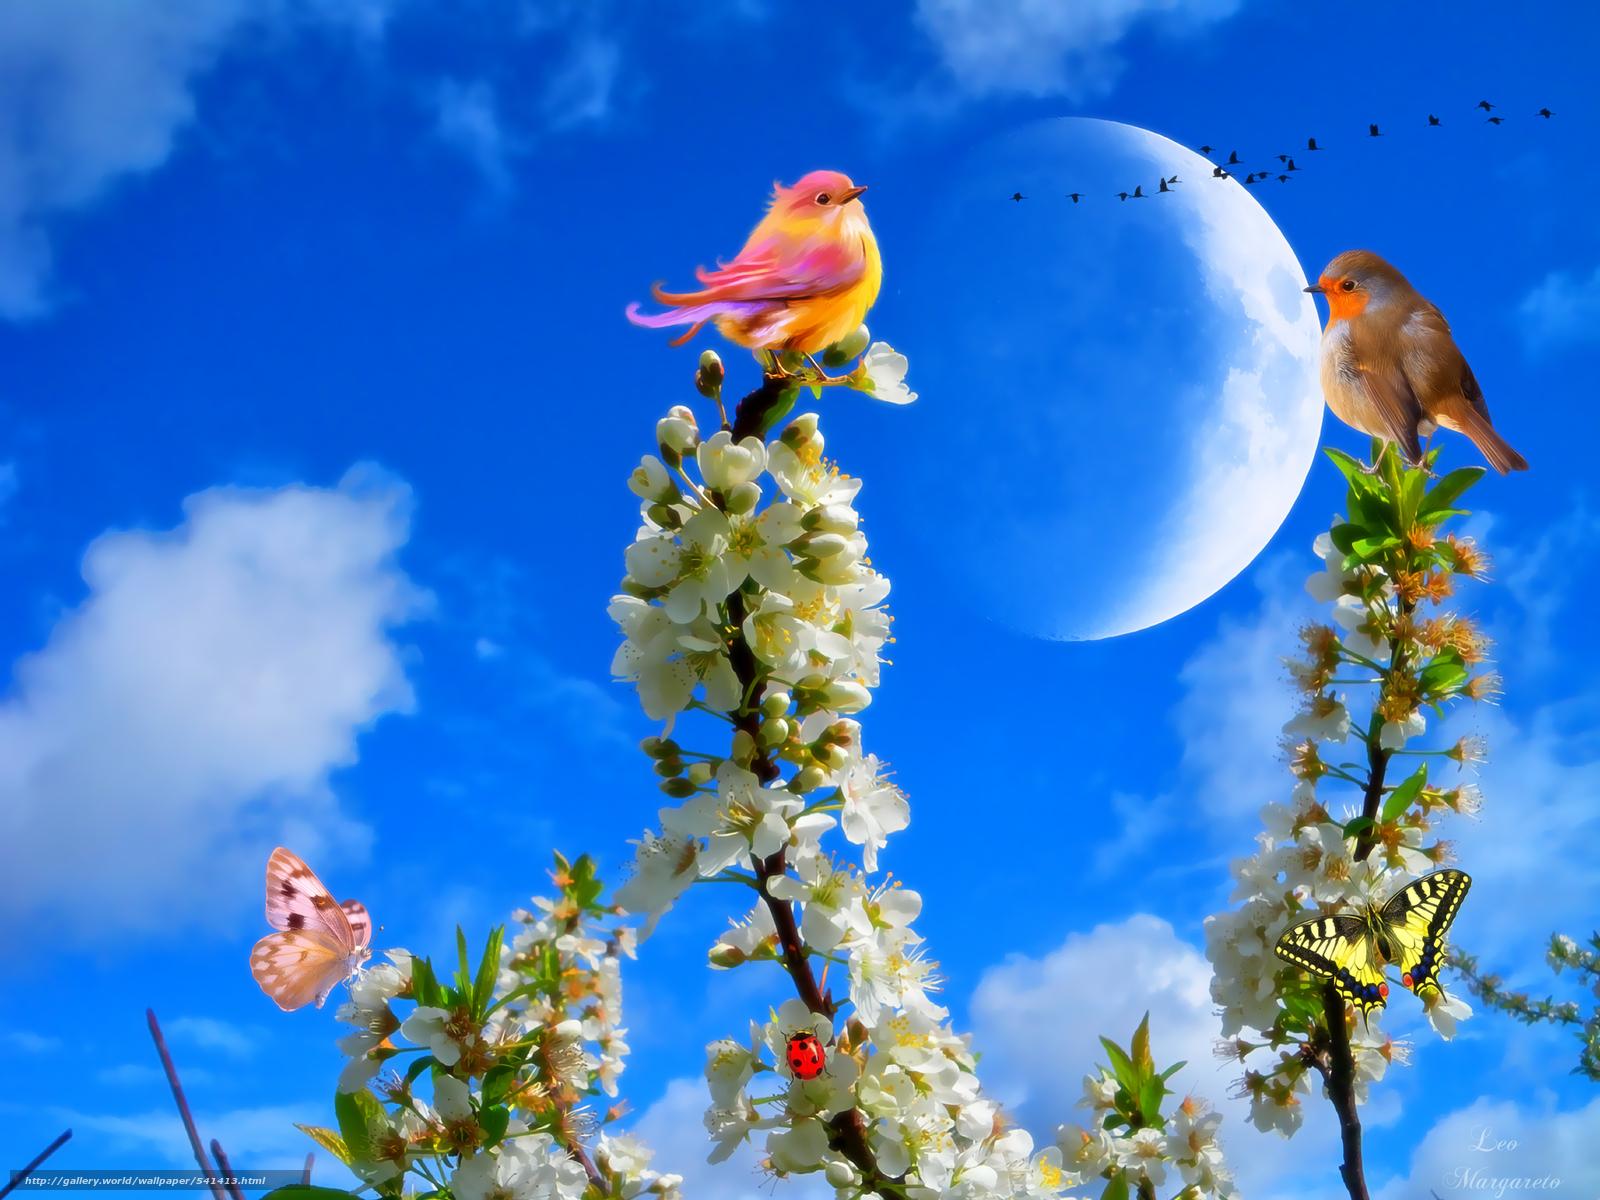 Tlcharger Fond d'ecran BRANCH,  Fleurs,  oiseaux,  papillon Fonds d'ecran gratuits pour votre rsolution du bureau 1800x1350 — image №541413